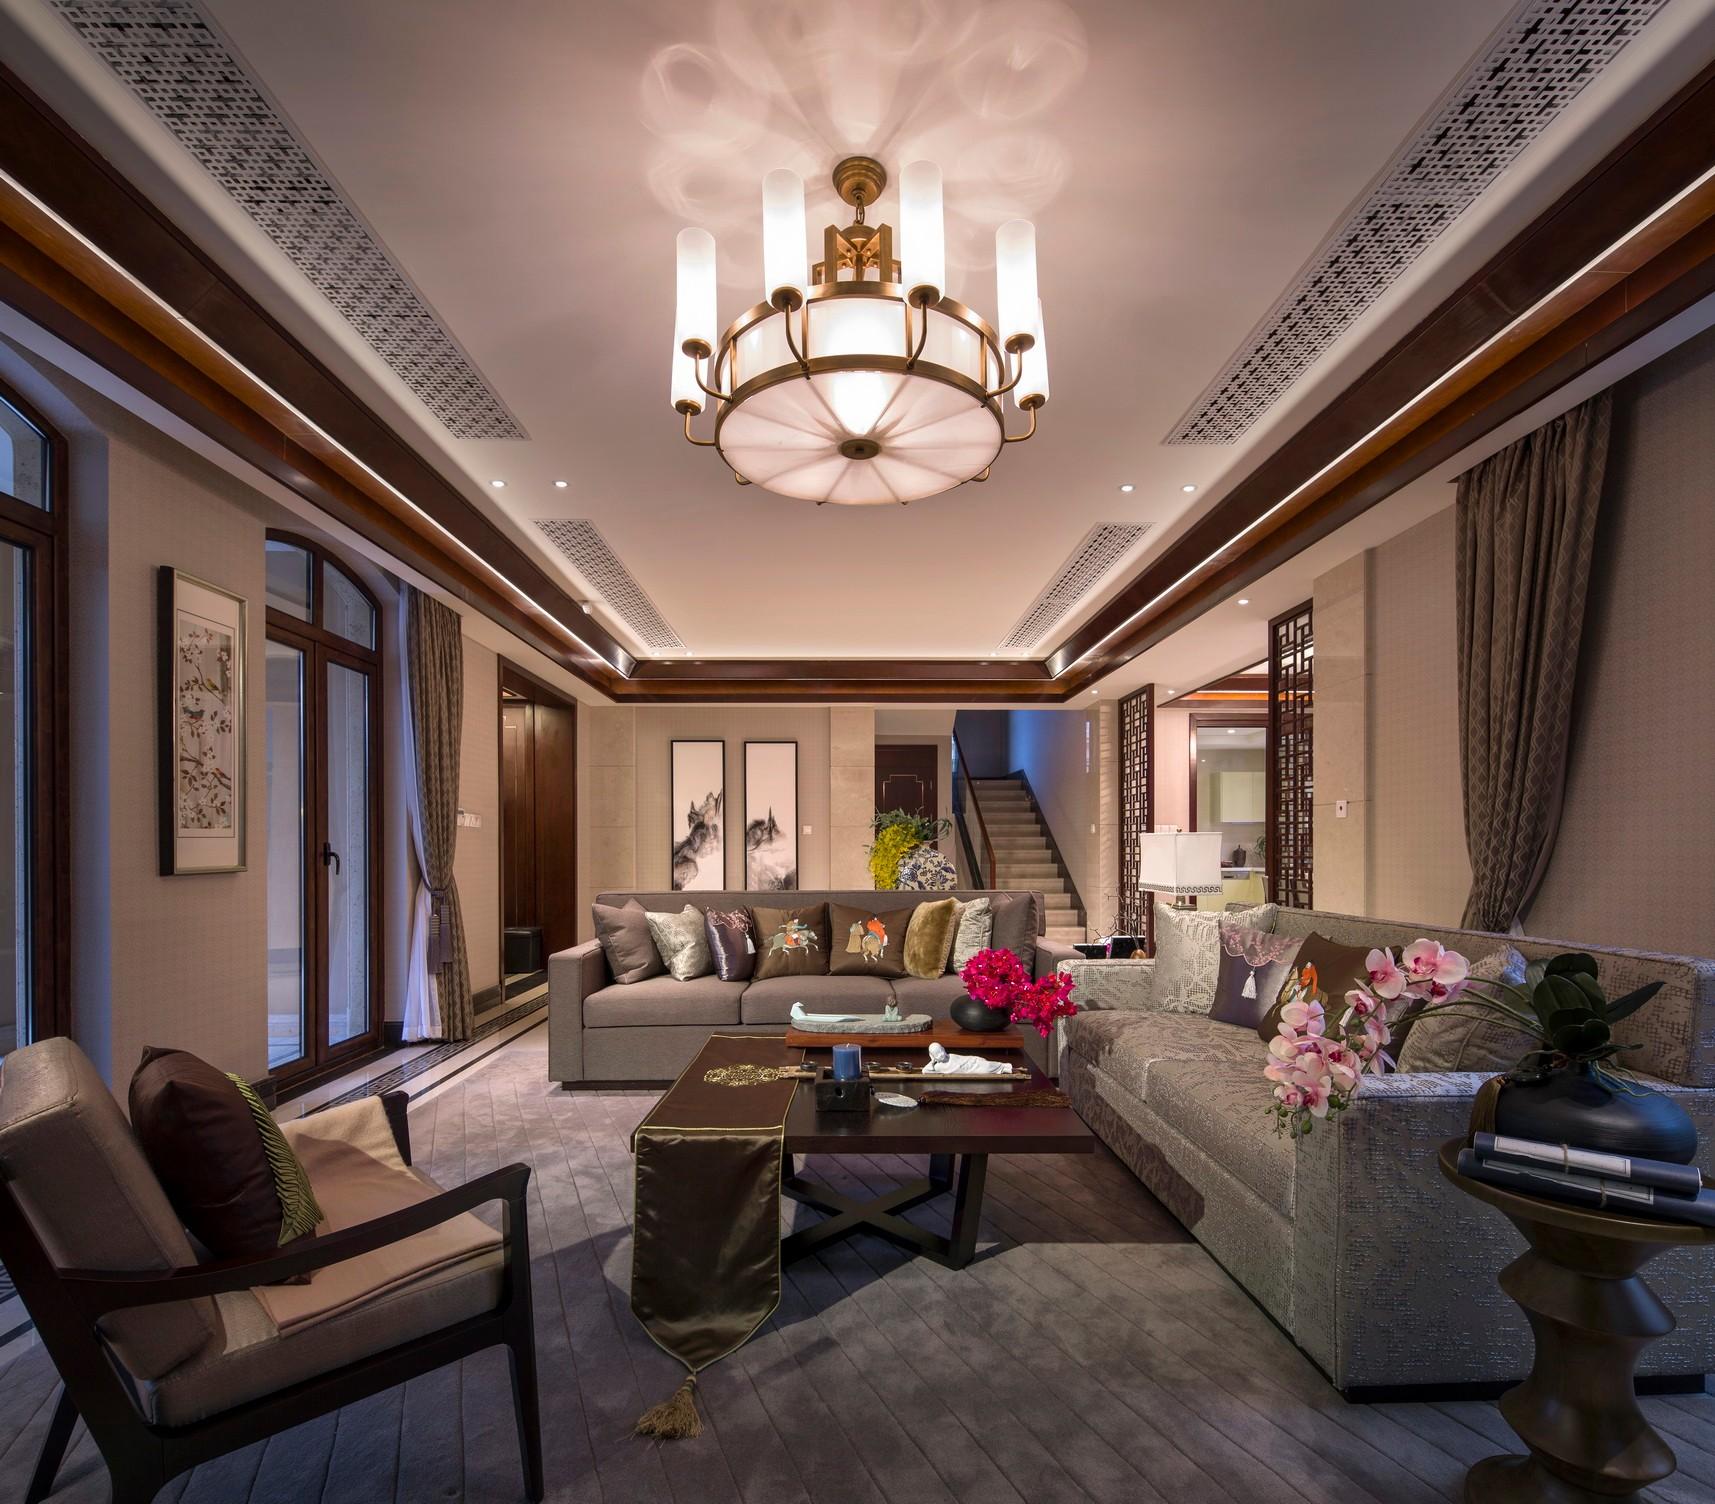 228平米的房子能装修成什么效果?中式风格六居室装修案例!-龙湖·双珑原著装修